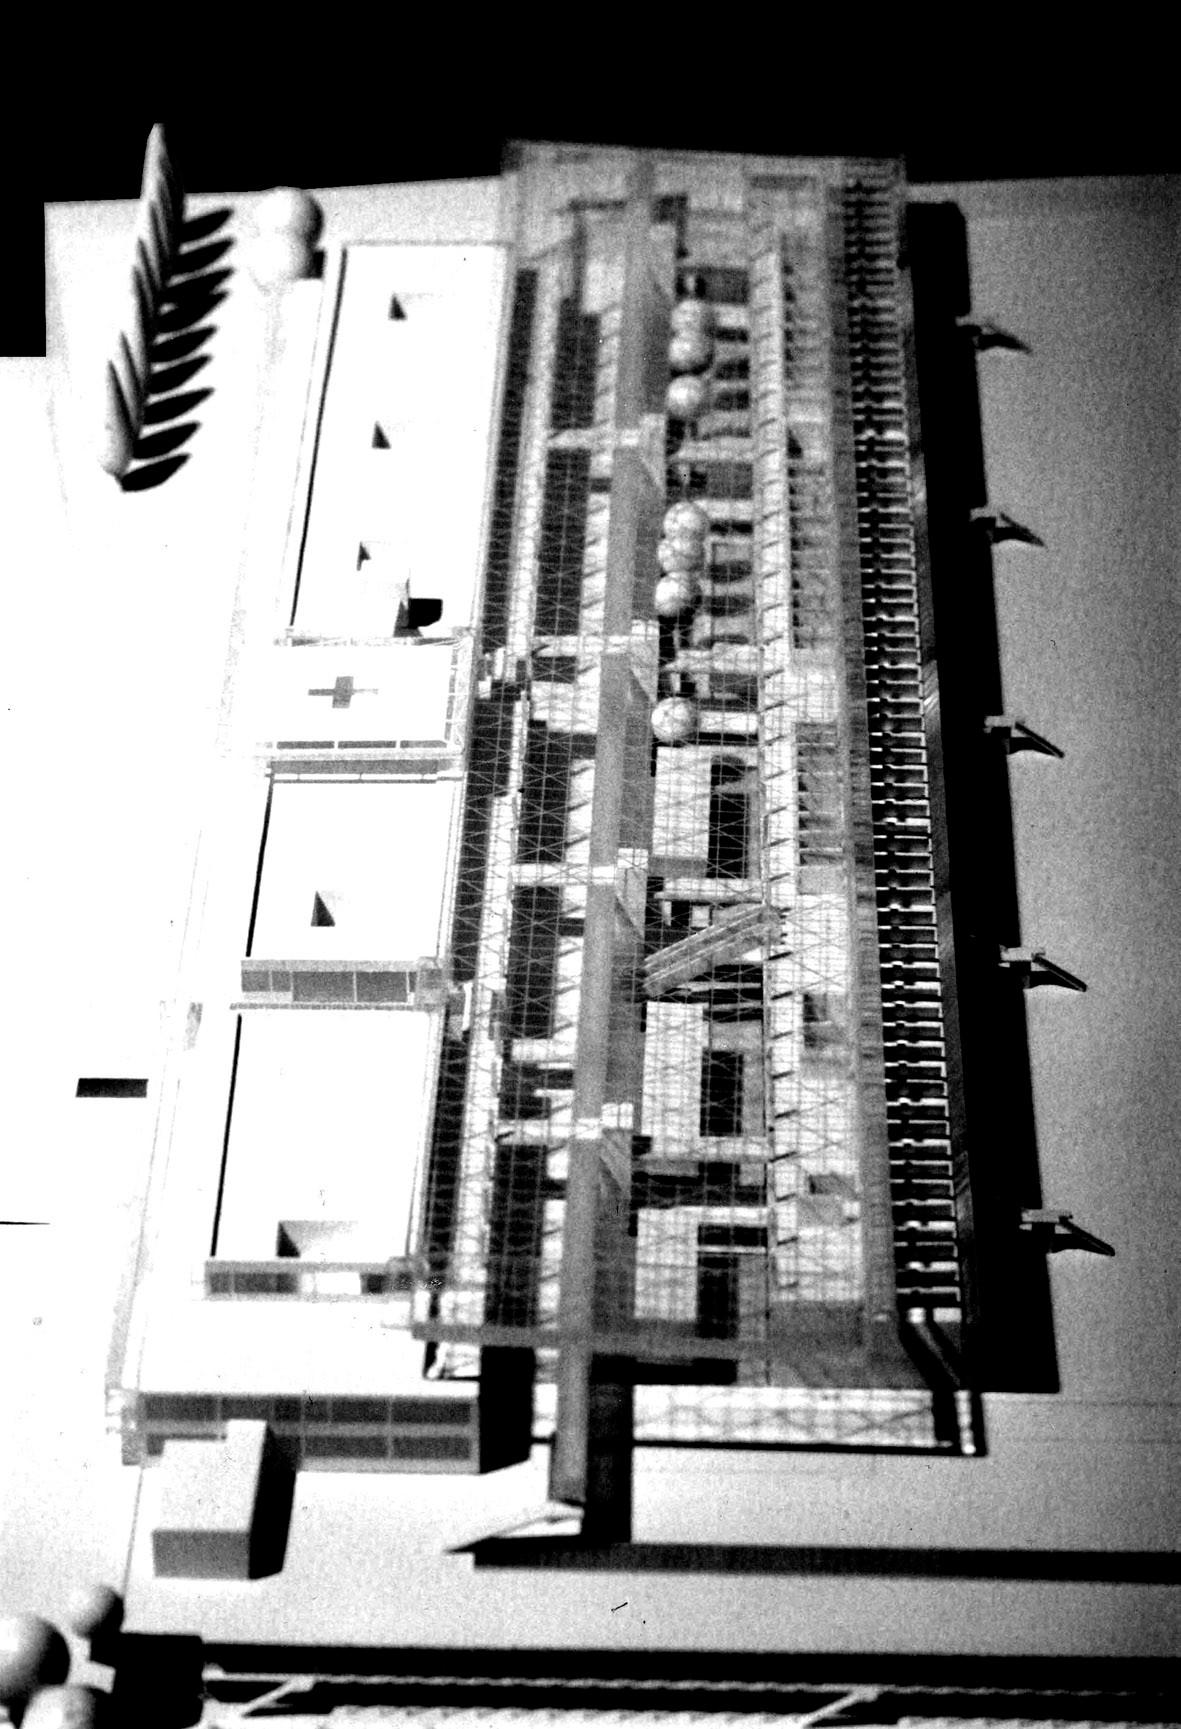 <p>© RUNSER / PRANTL architekten, Wagner Jauregg Krankenhaus, 4020 Linz, Oberösterreich, Österreich, Wettbewerb, Ankauf, 1993, Spital, Krankenhaus, Schule</p>